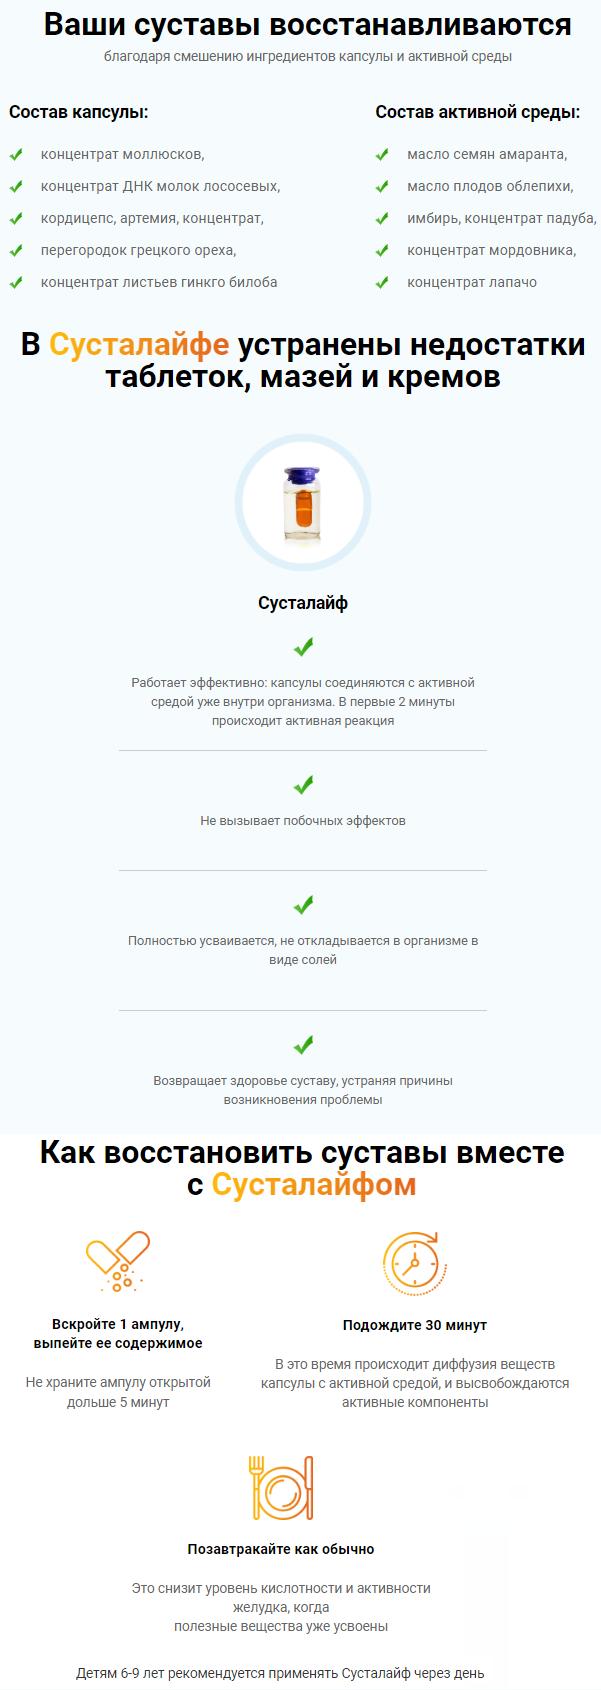 Sustalife (Сусталифе) для суставов купить в Молдове